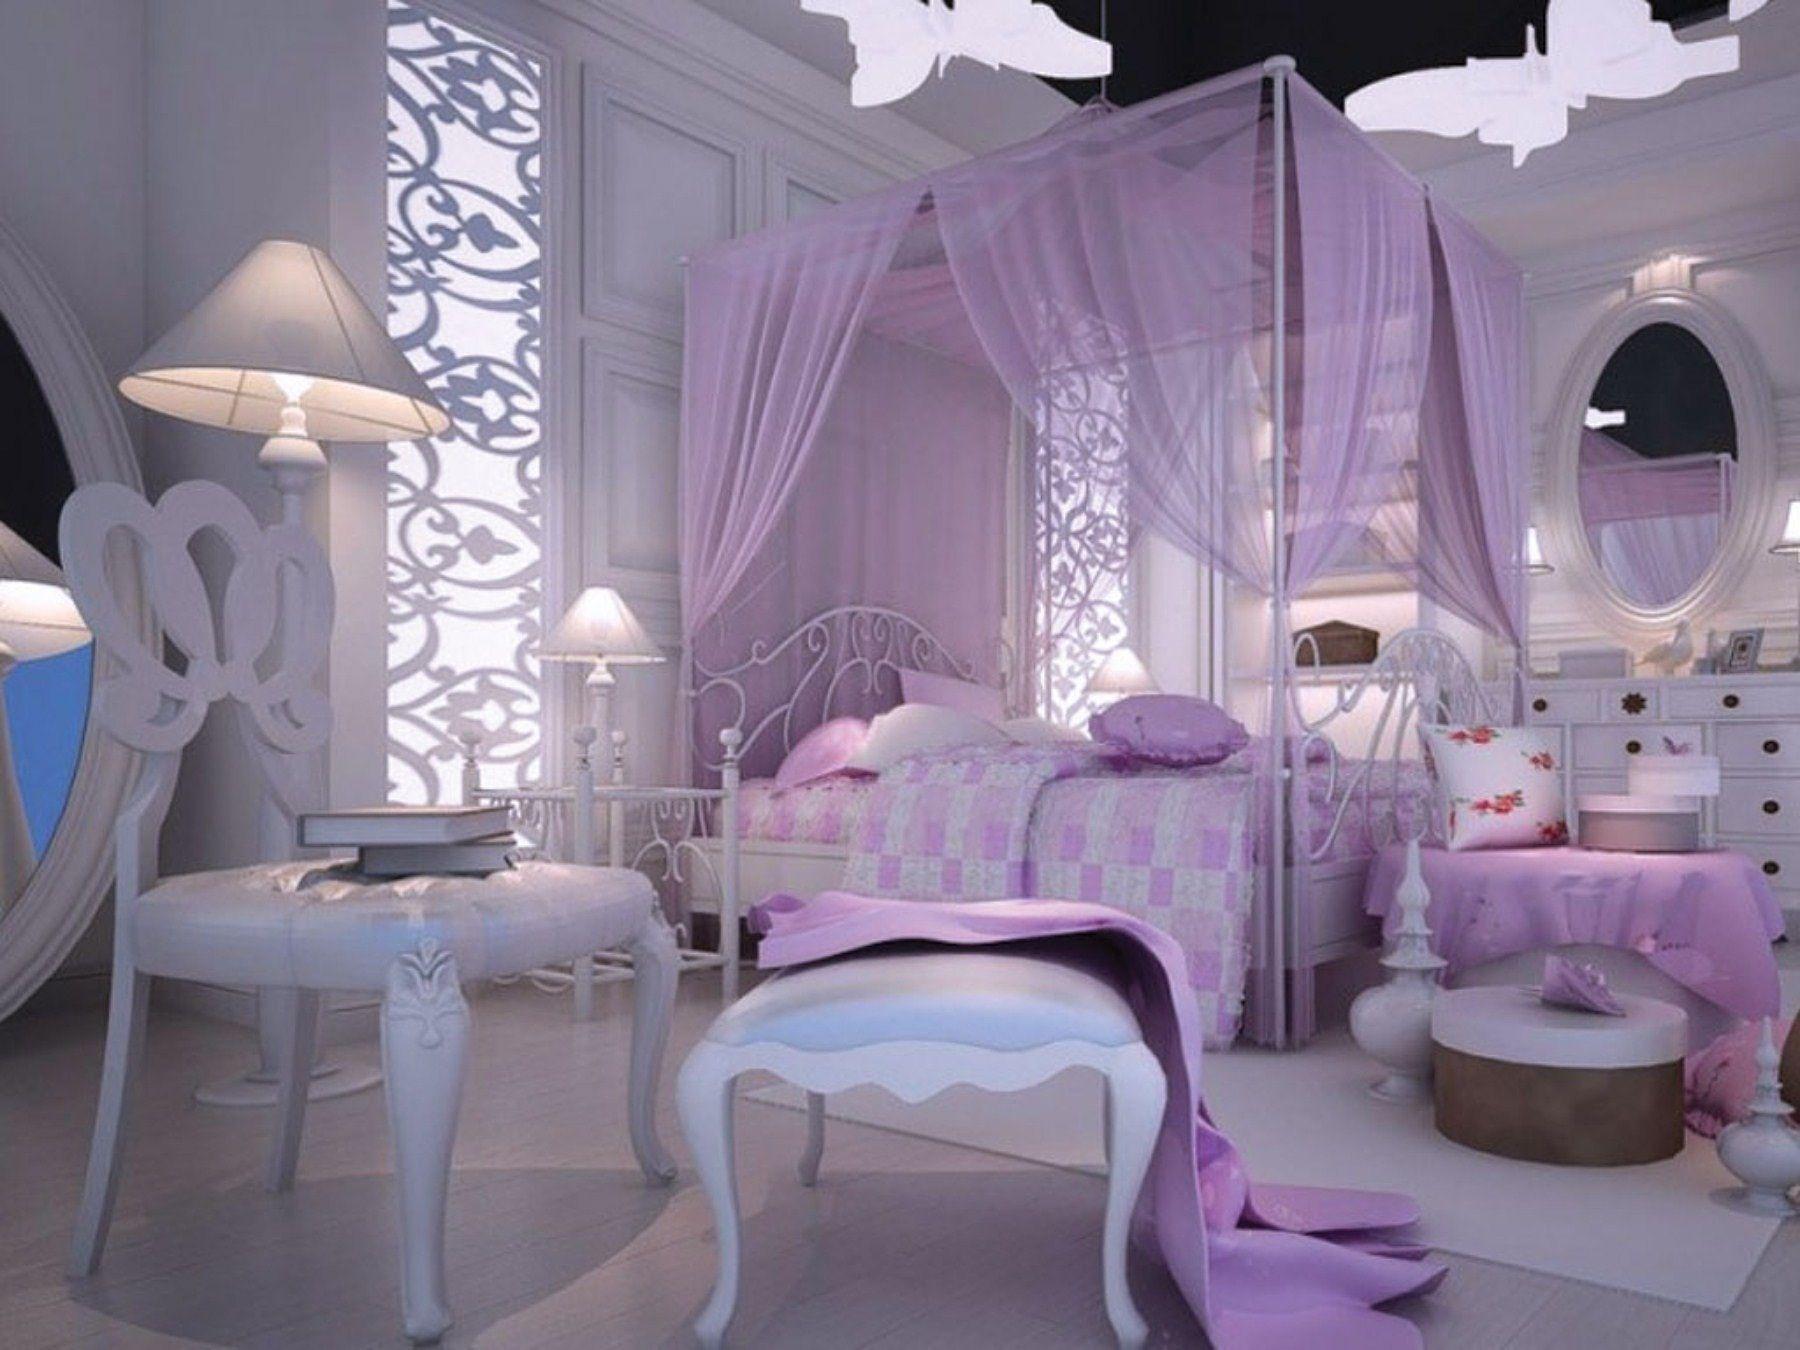 Bedroom Designs Hd 25 images in modern simple yet fascinating bedroom design full hd